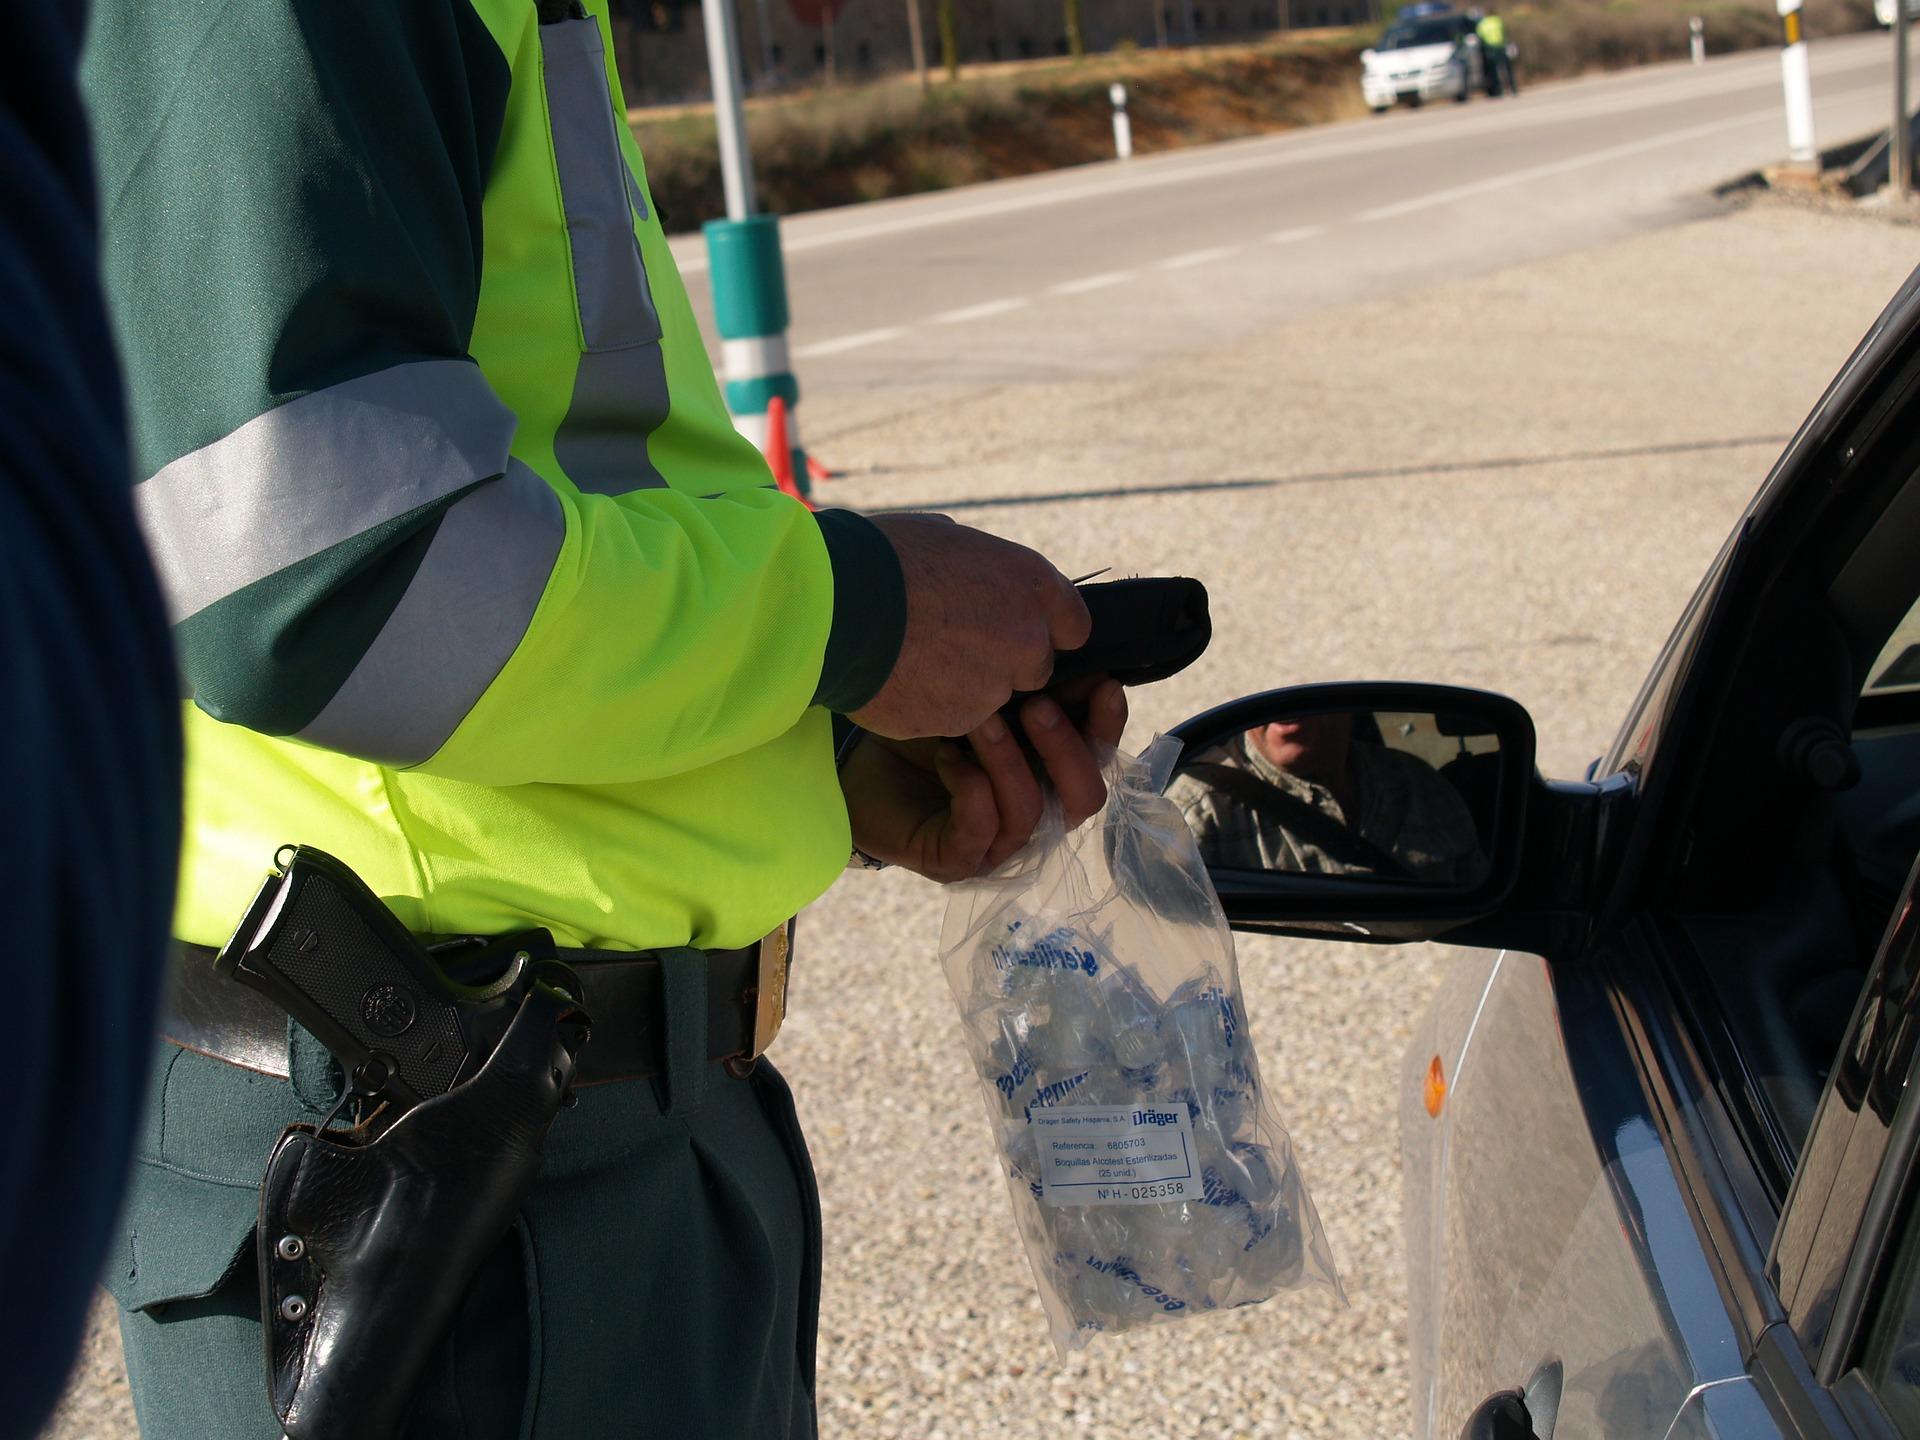 PRZYSIETNICA: Recydywista prowadził samochód w stanie nietrzeźwości - Zdjęcie główne